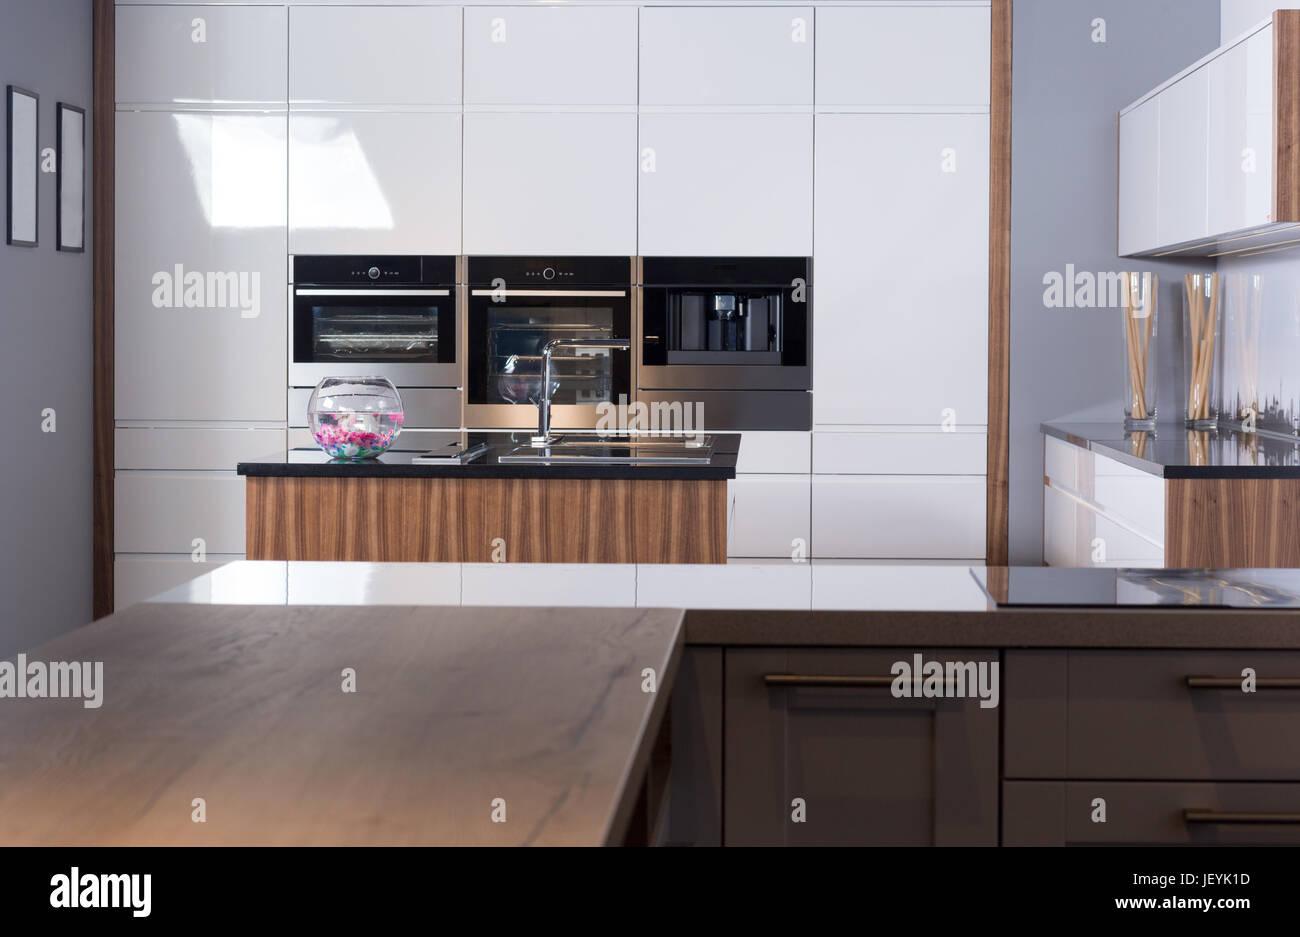 Minimalistische Kuche Leicht Kollektionsvorschau 2019 Leicht